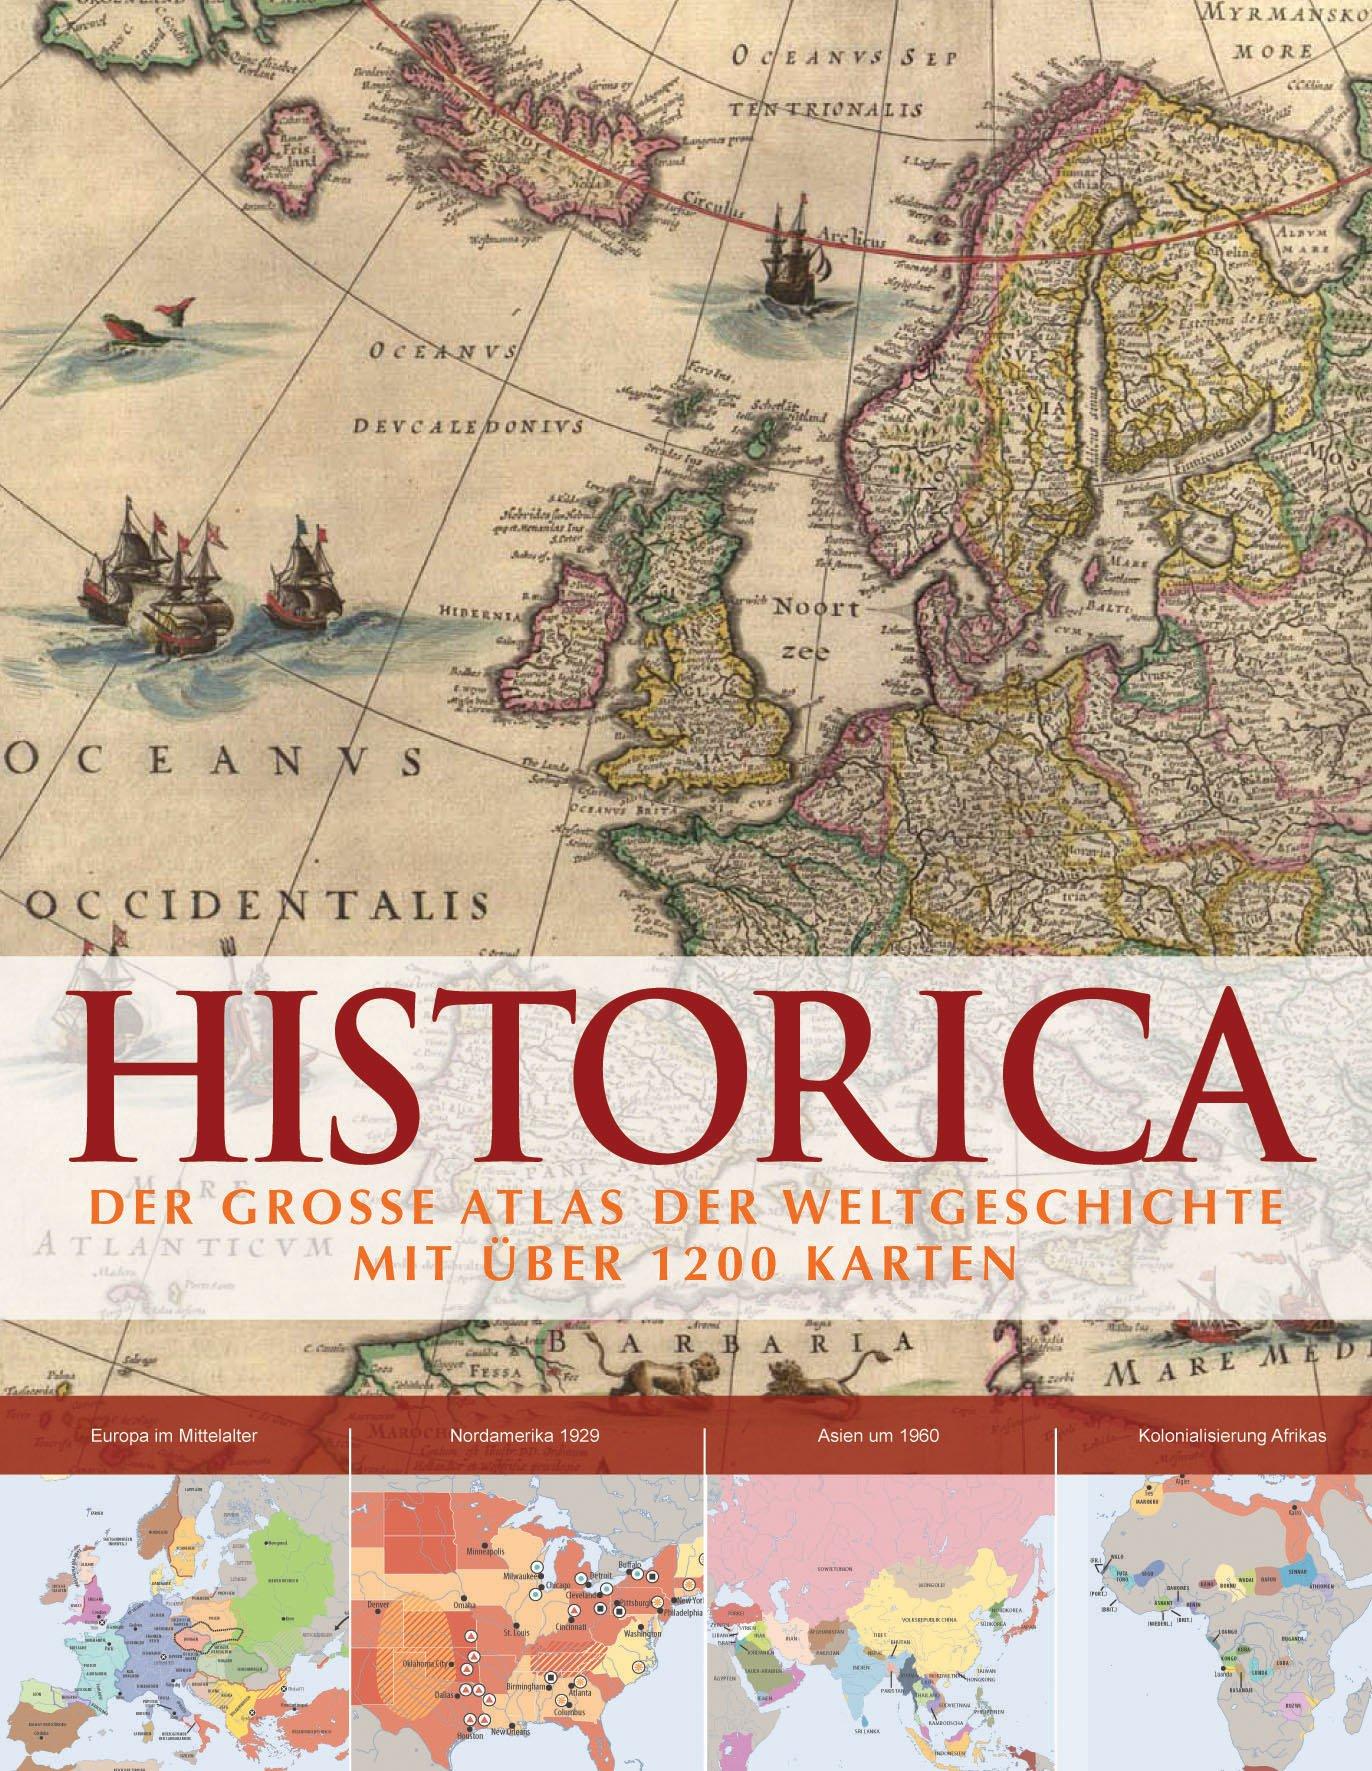 Historica: Der grosse Atlas der Weltgeschichte mit über 1200 Karten